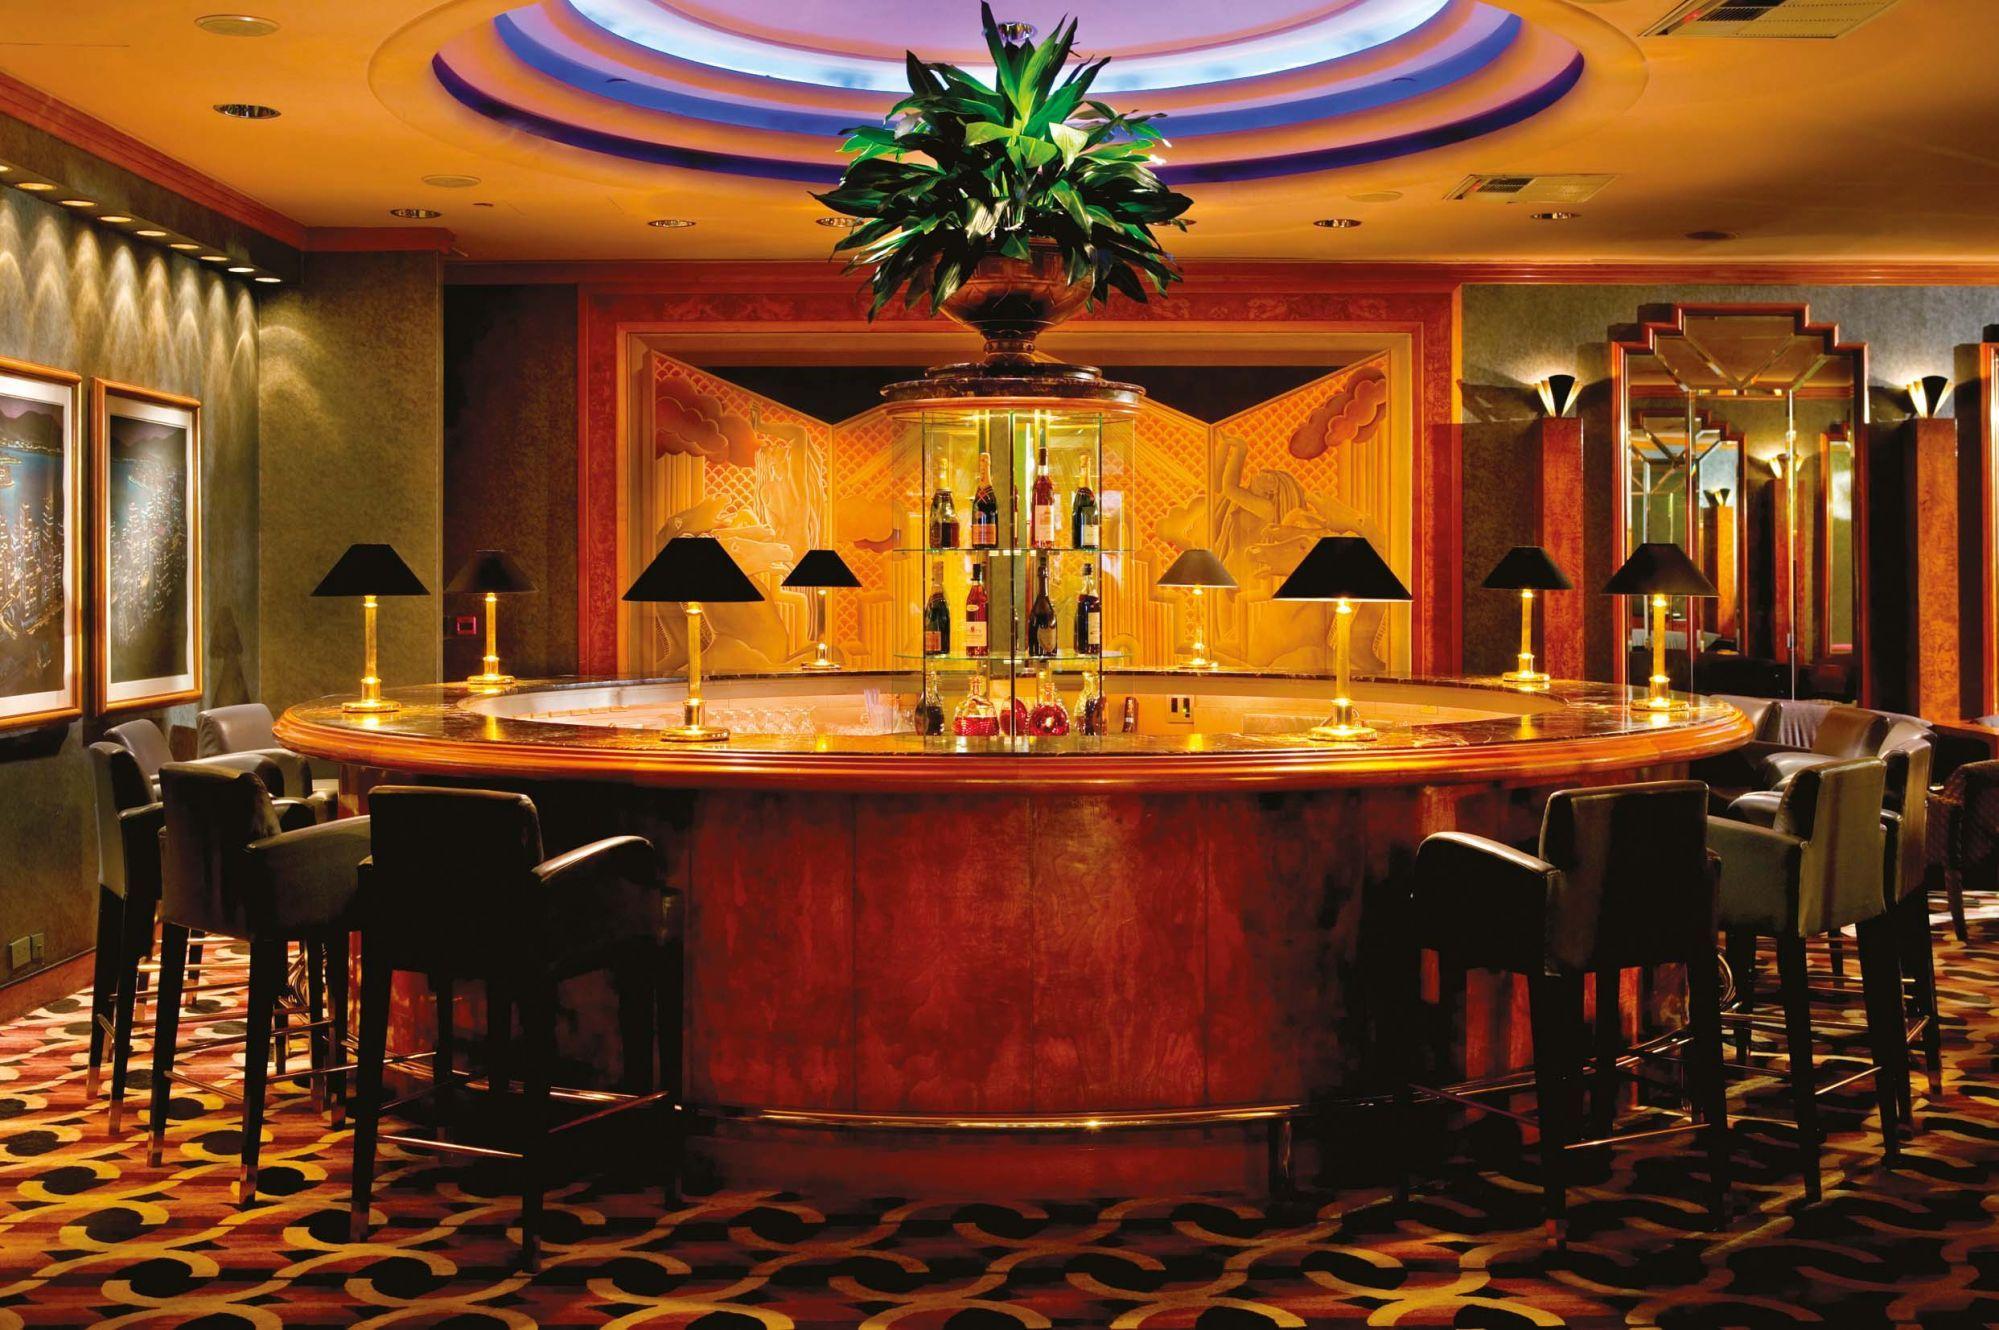 The Champagne Bar at Grand Hyatt Hong Kong